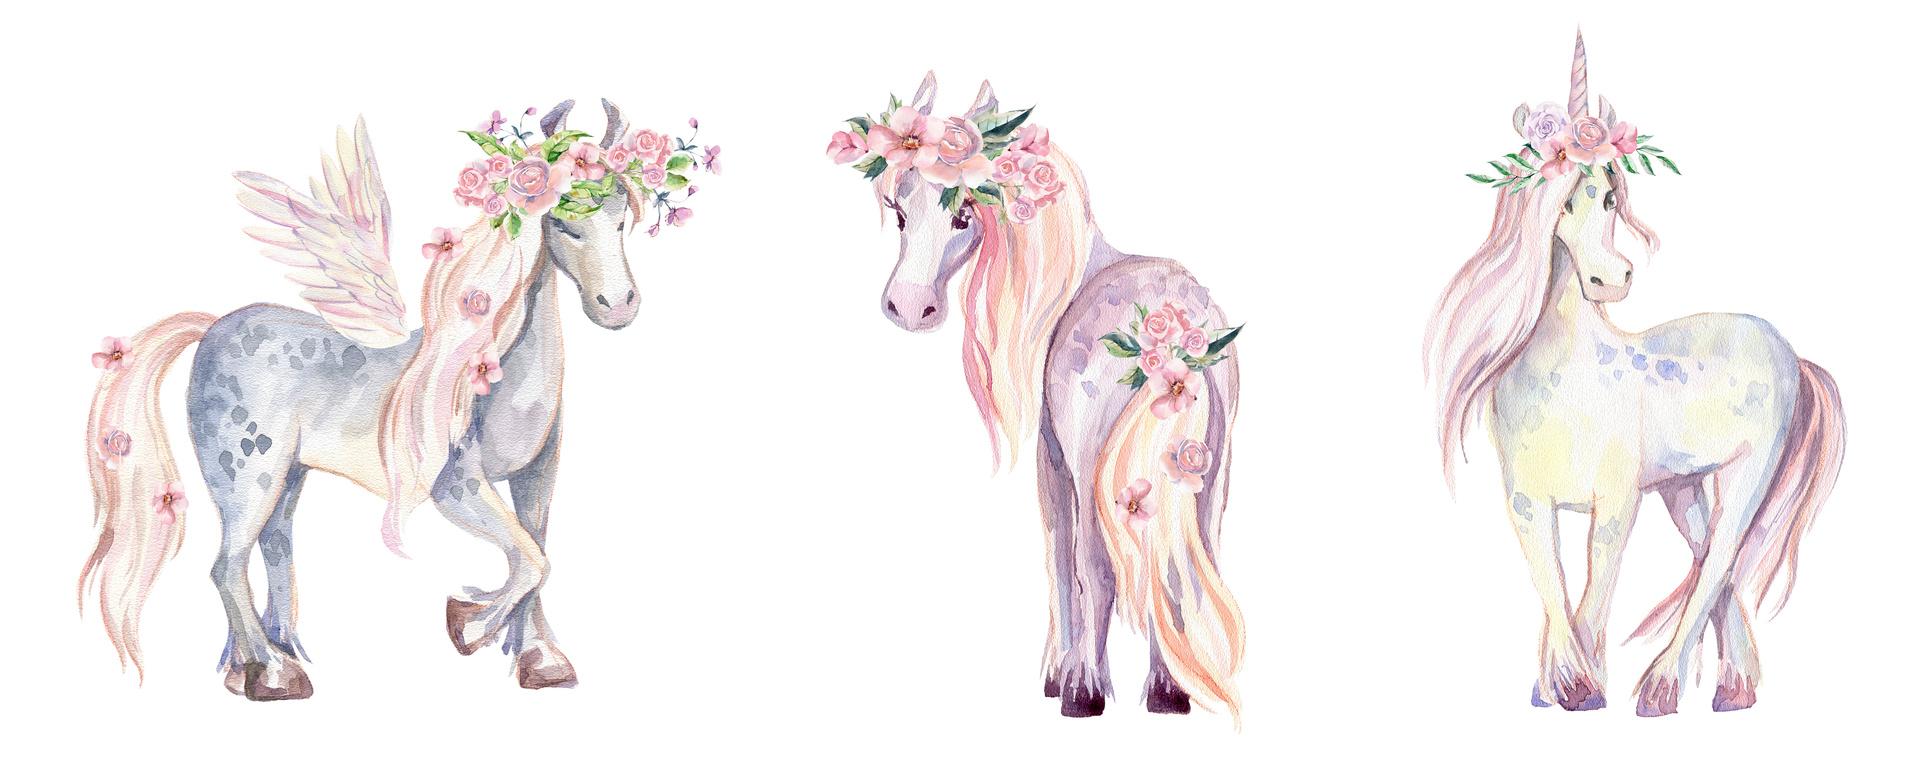 Fototapeta Unicorn, Pegasus a Pony, akvarel, květiny, pro dívky